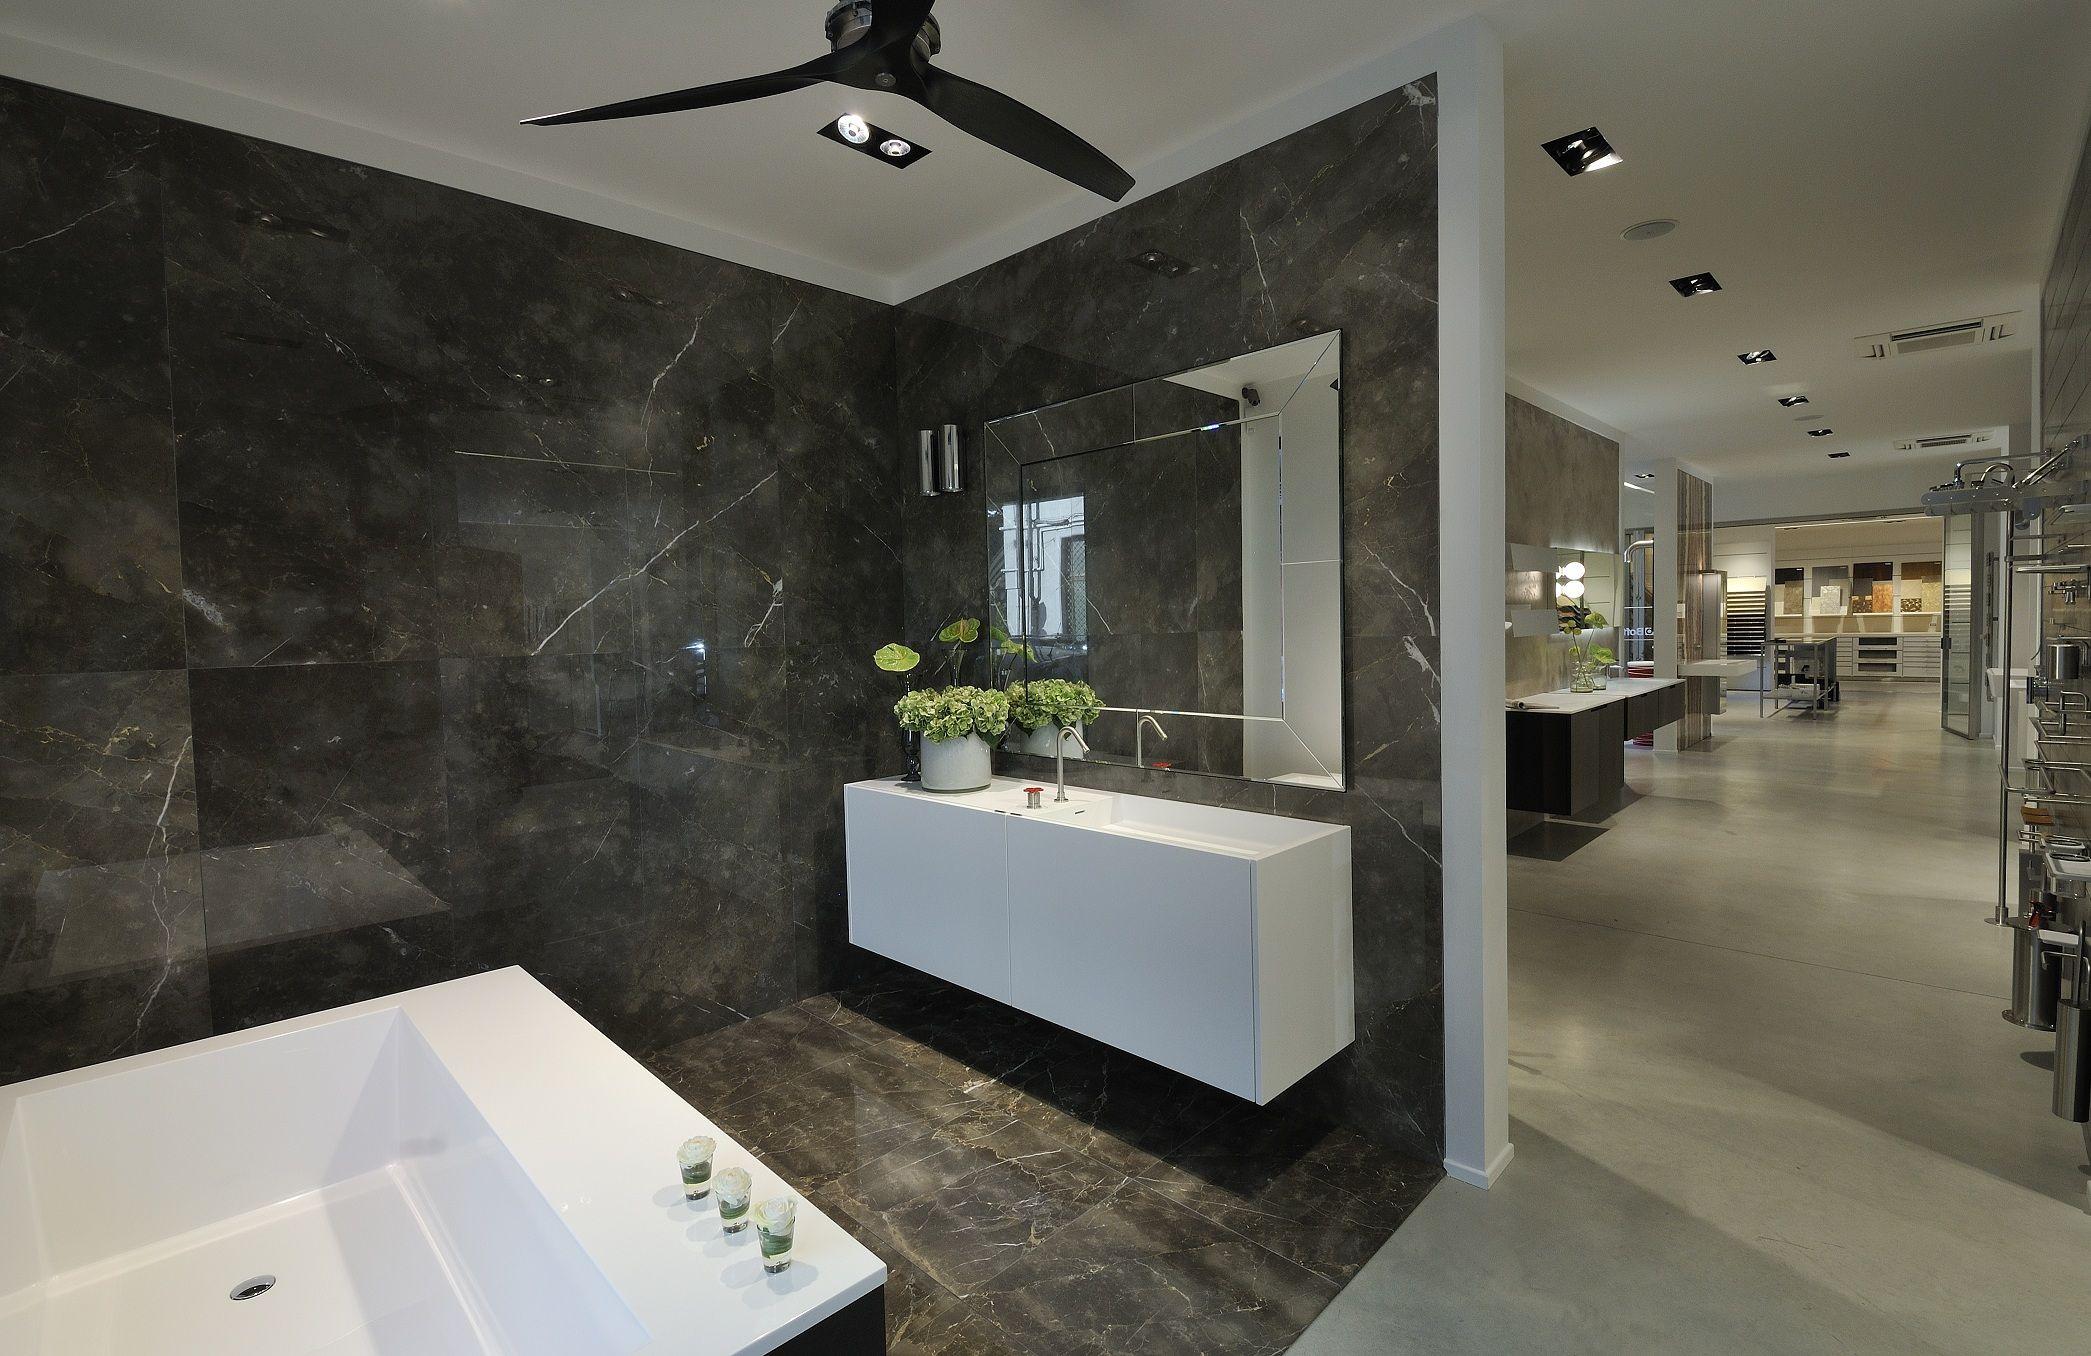 Marmo grigio imperiale mobili da bagno accessori da bagno sauna hammam bagno turco piani in - Bagno imperiale ...